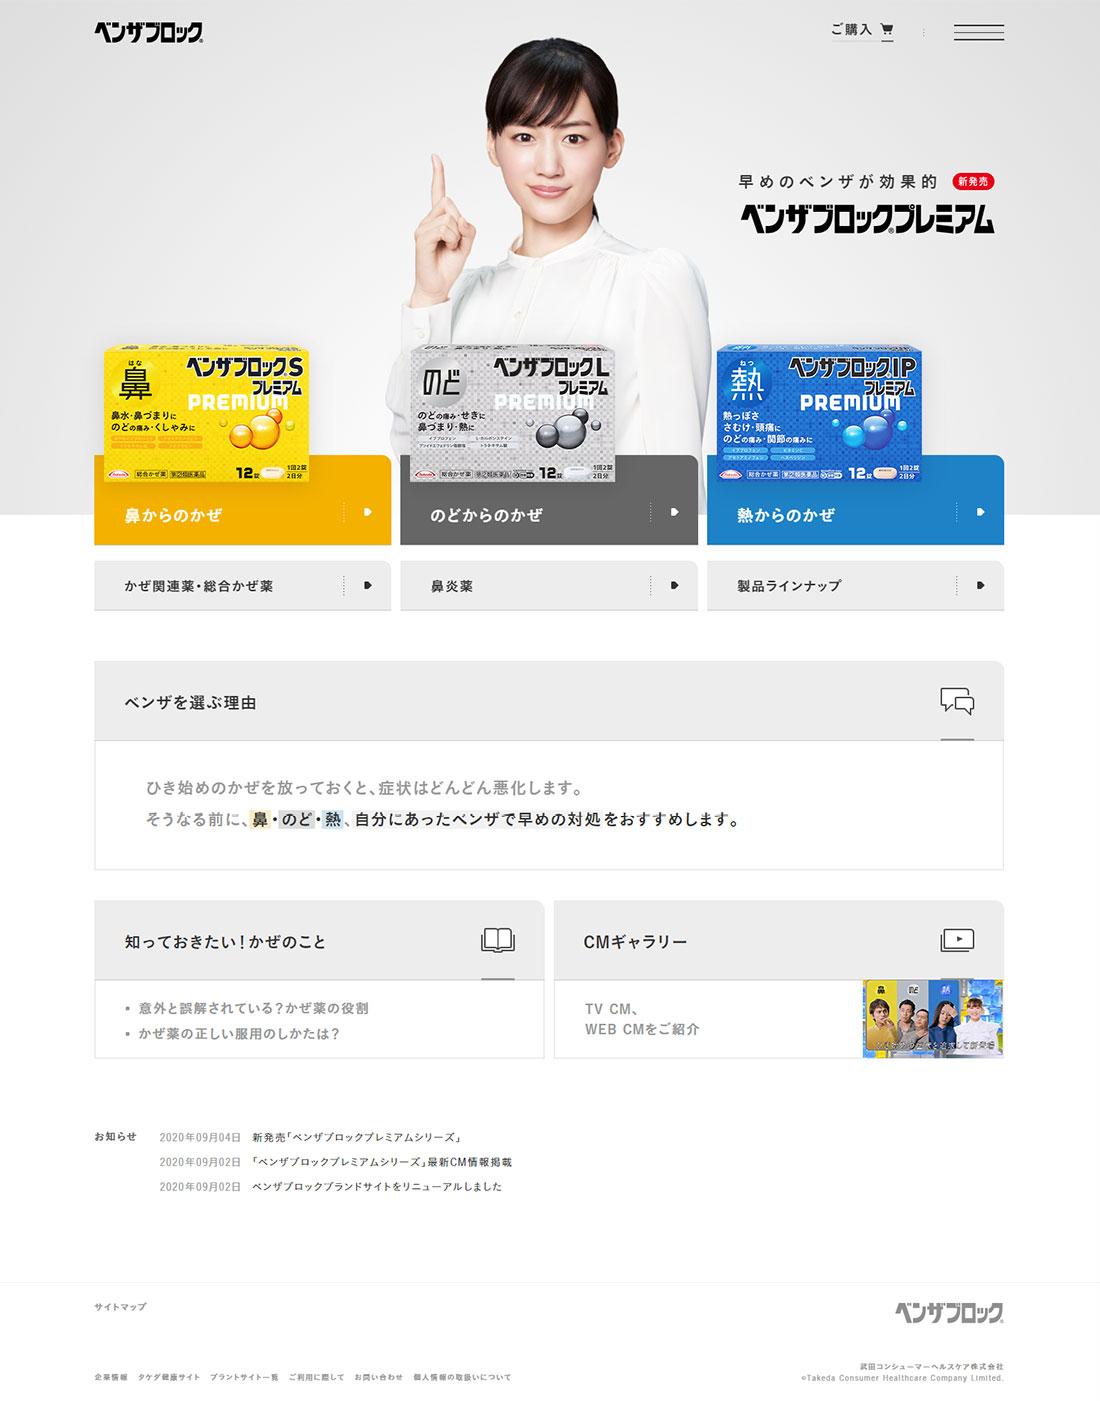 鼻水・のどの痛み・熱。症状別の風邪薬ベンザブロック | 武田コンシューマーヘルスケア